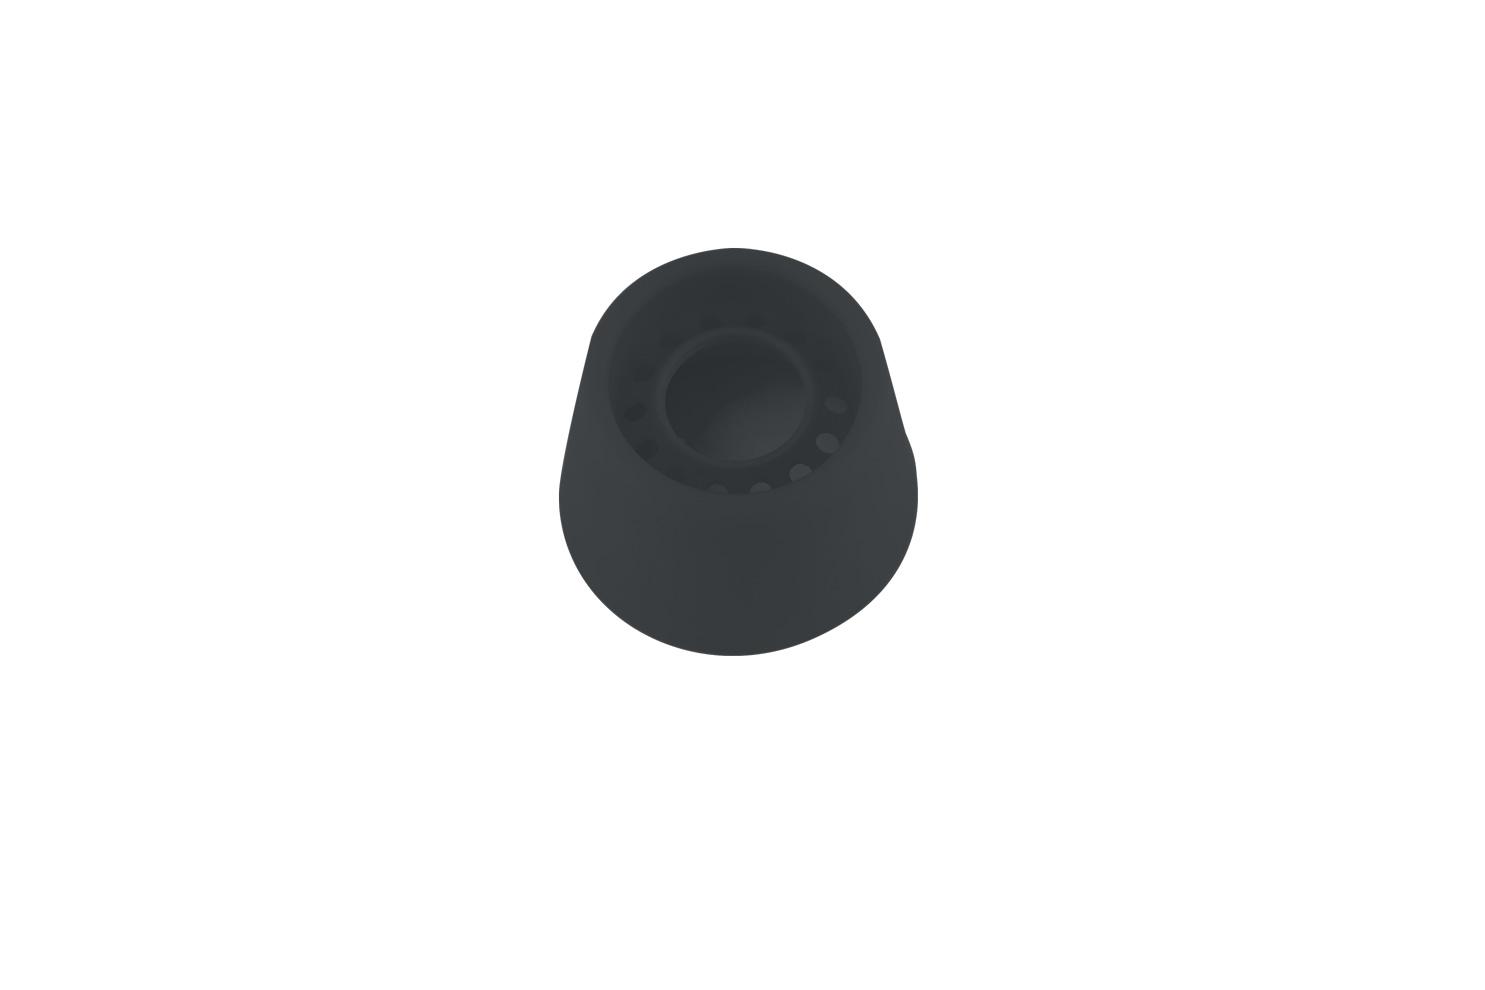 Remoska® Náhradní krytka ventilu na soft-tlakovém víku Barva: Černá